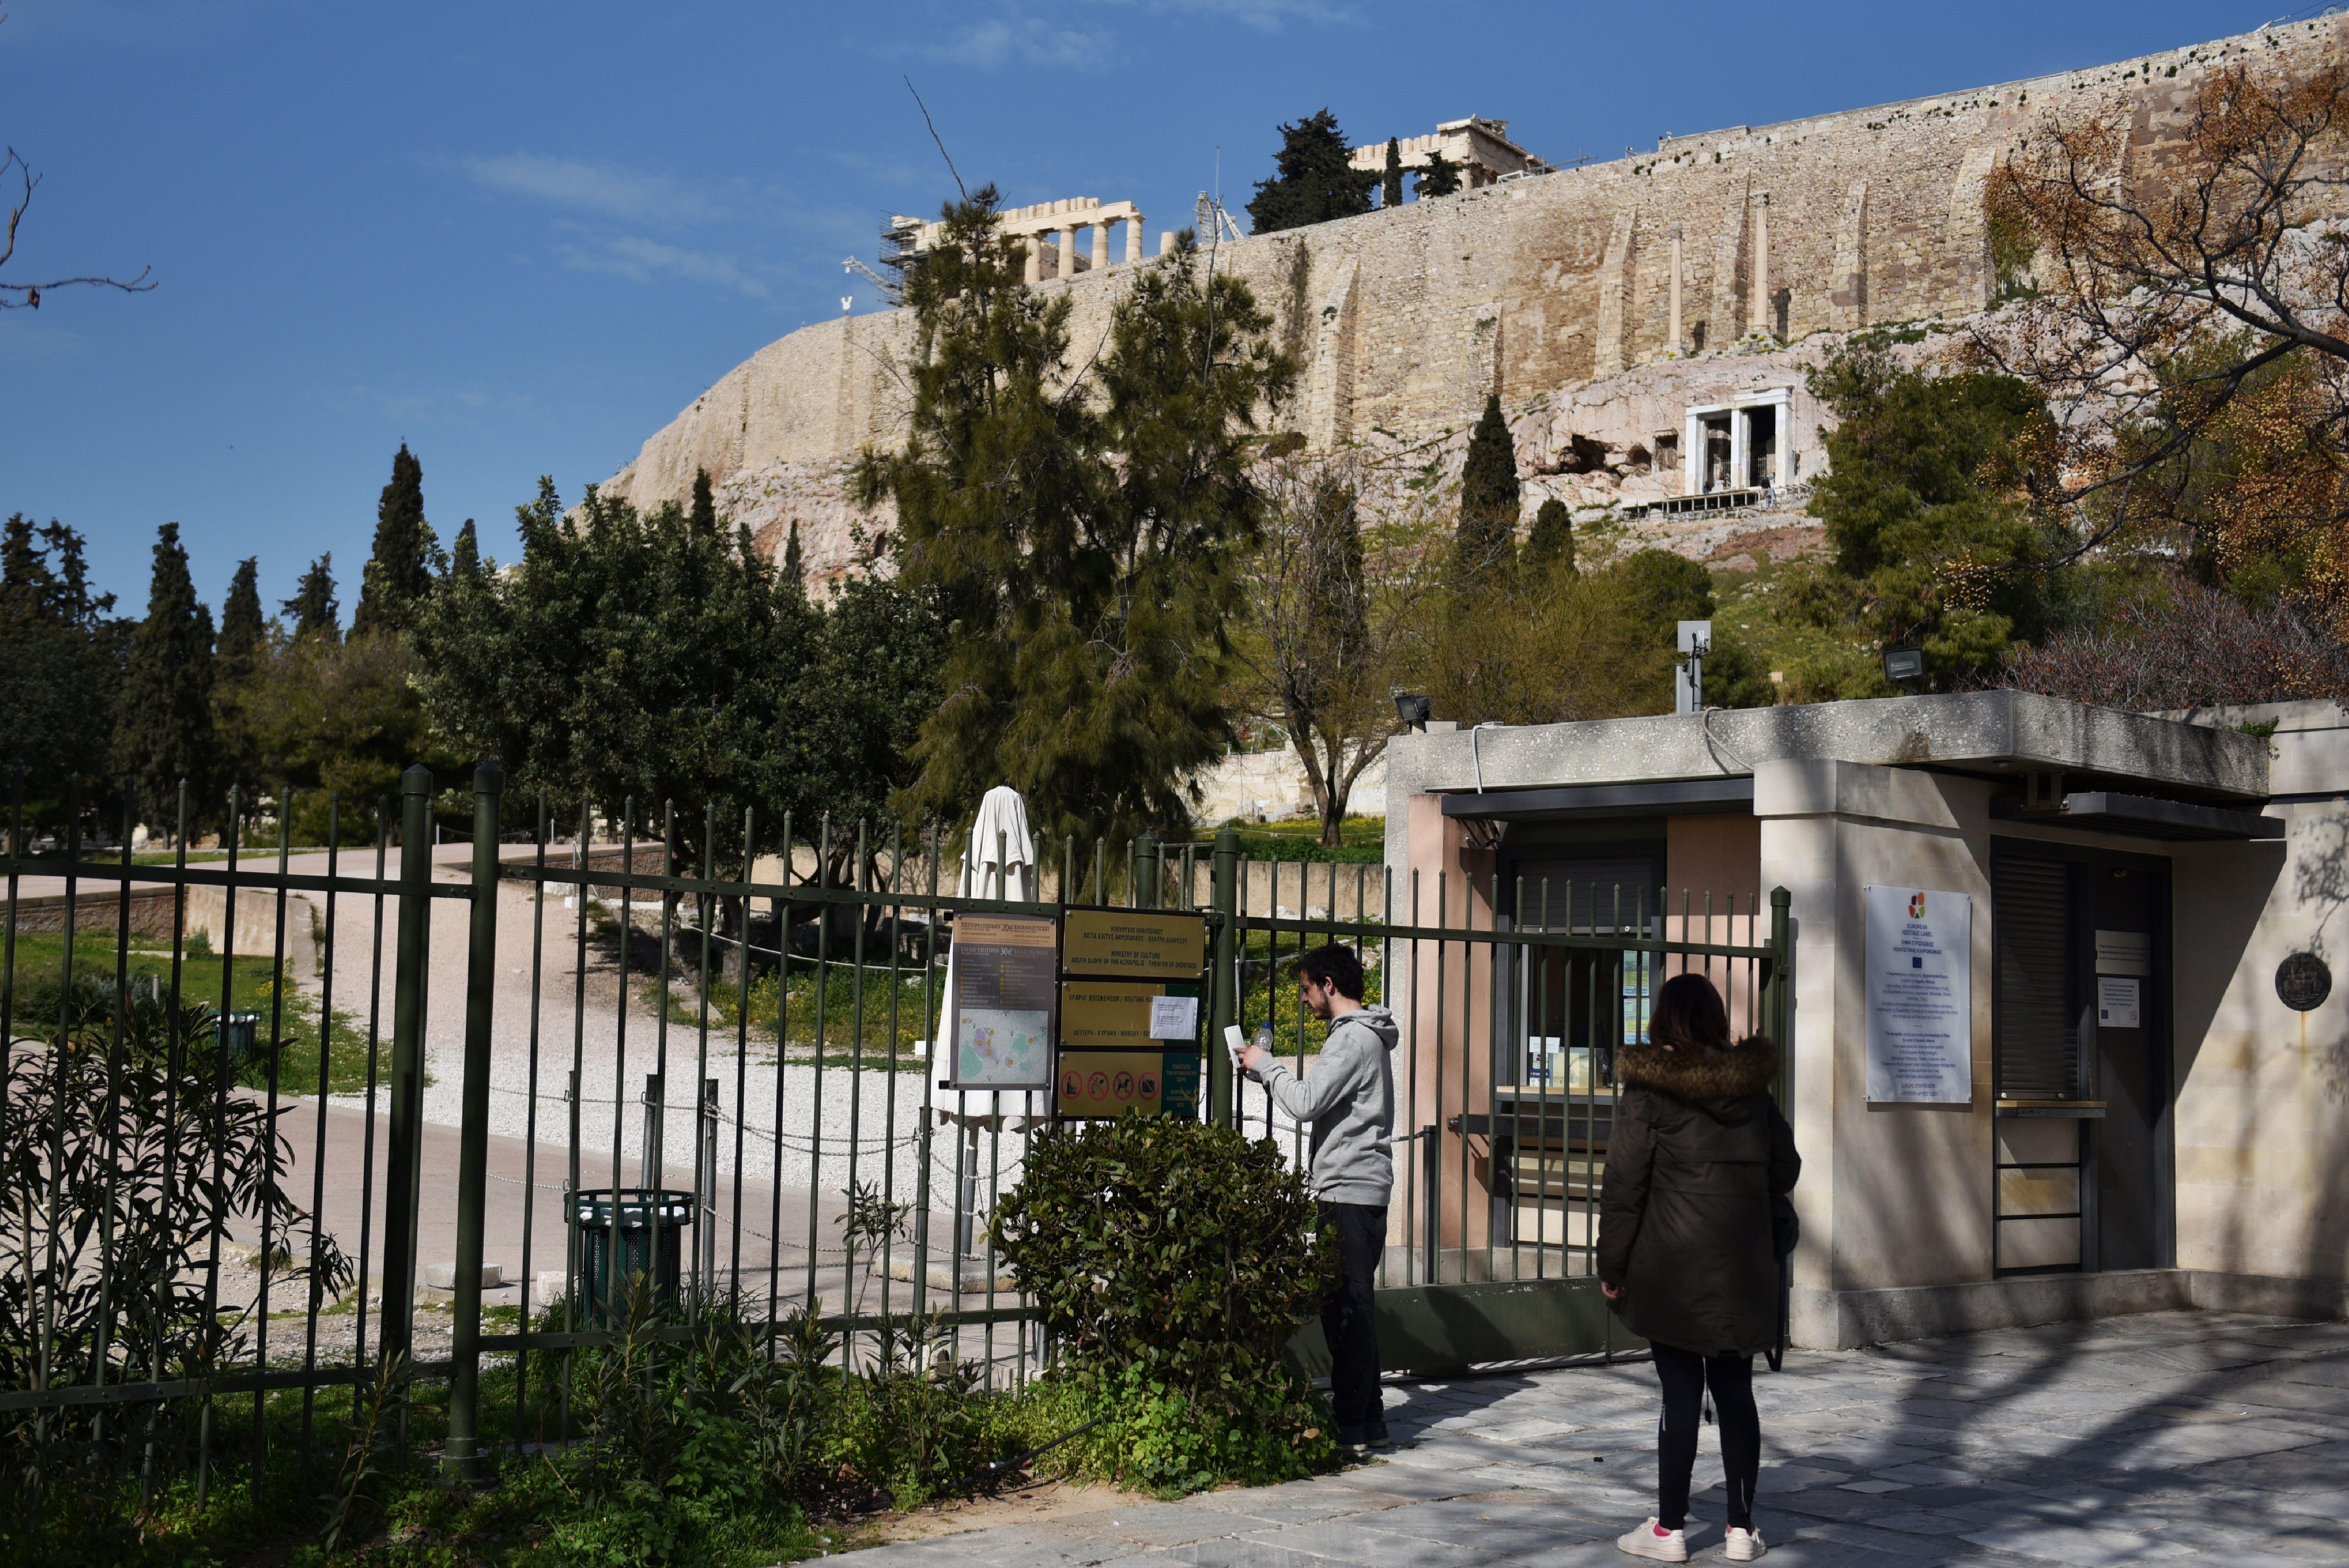 «Πράσινο φως» του ΚΑΣ στη μελέτη διαμόρφωσης της ανασκαφής του Μουσείου Ακρόπολης σε επισκέψιμο αρχαιολογικό